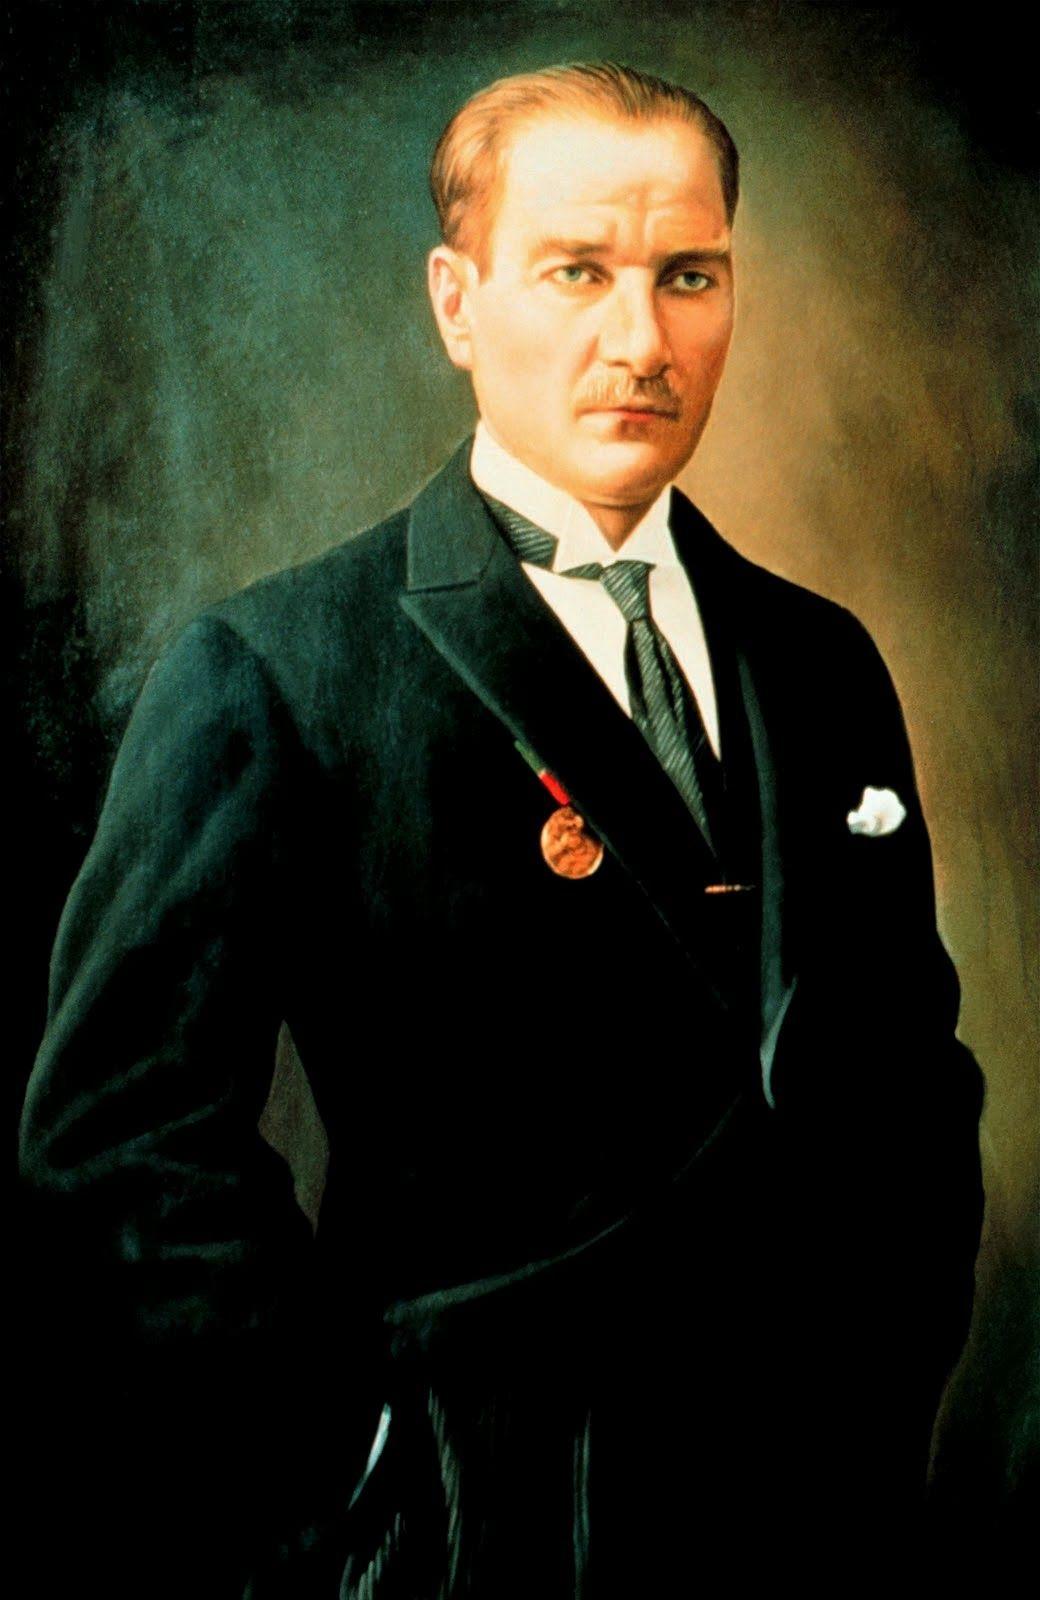 Bild:Mustafa Kemal Atatürk.jpg